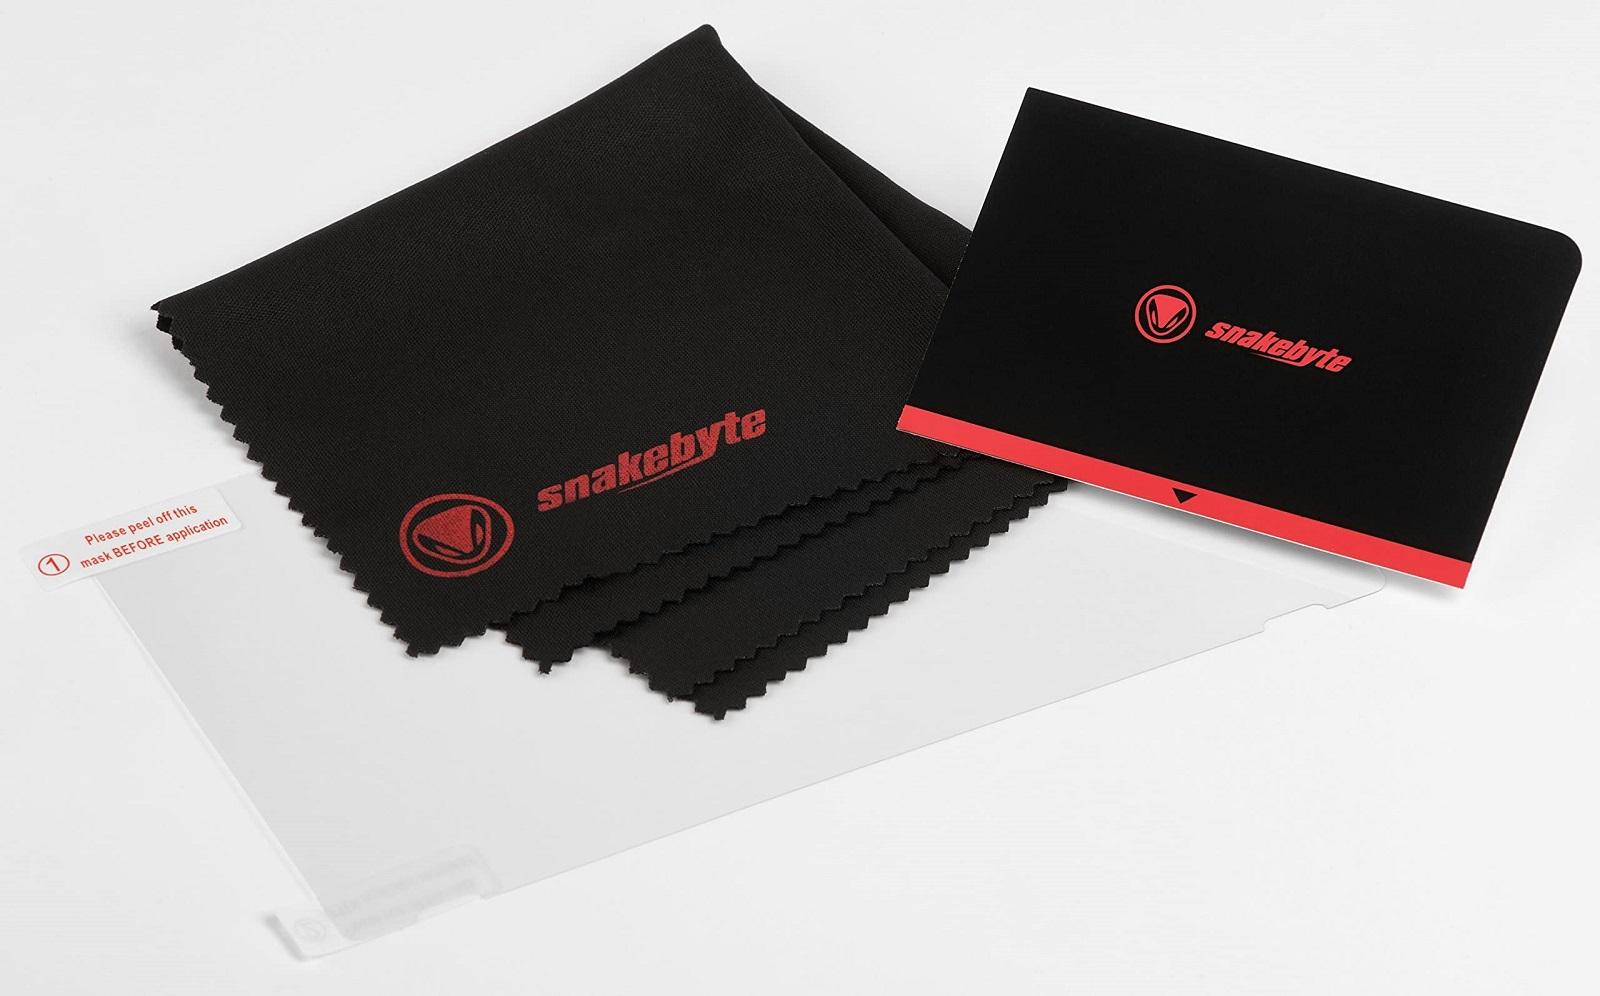 SnakeByte 任天堂 Switch 8in1 キャリーケース & アクセサリー セット STARTER:KIT™ スターター:キット ゲームカードケース フィルム クリーニングクロス ステレオイヤホン ジョイコン保護キャップ 同梱